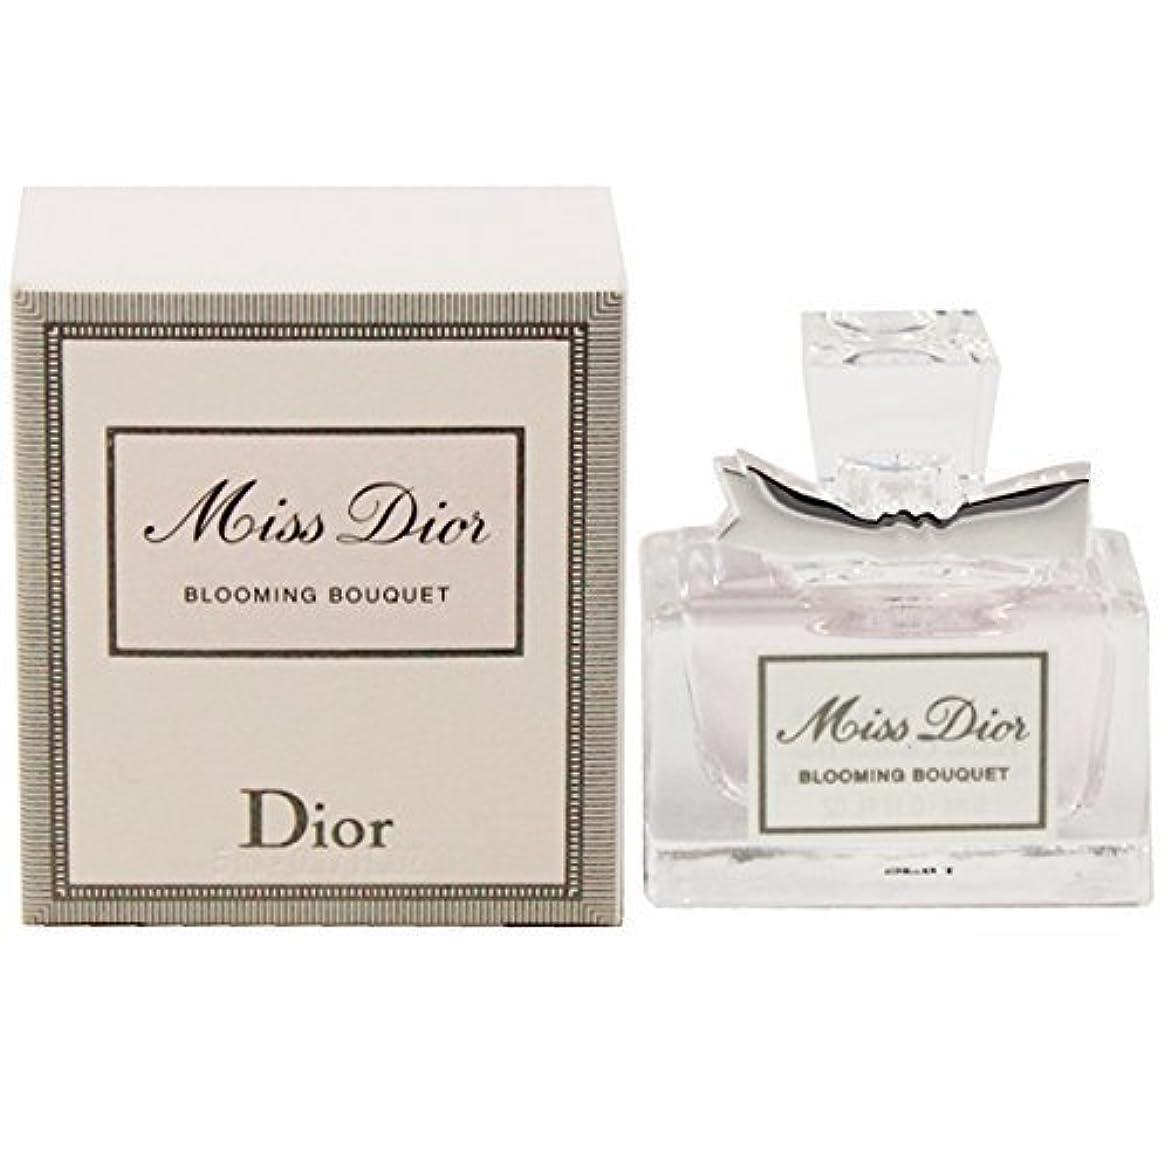 オーナードラフト執着クリスチャン ディオール(Christian Dior) ミス ディオール ブルーミングブーケEDT?BT 5ml[並行輸入品]